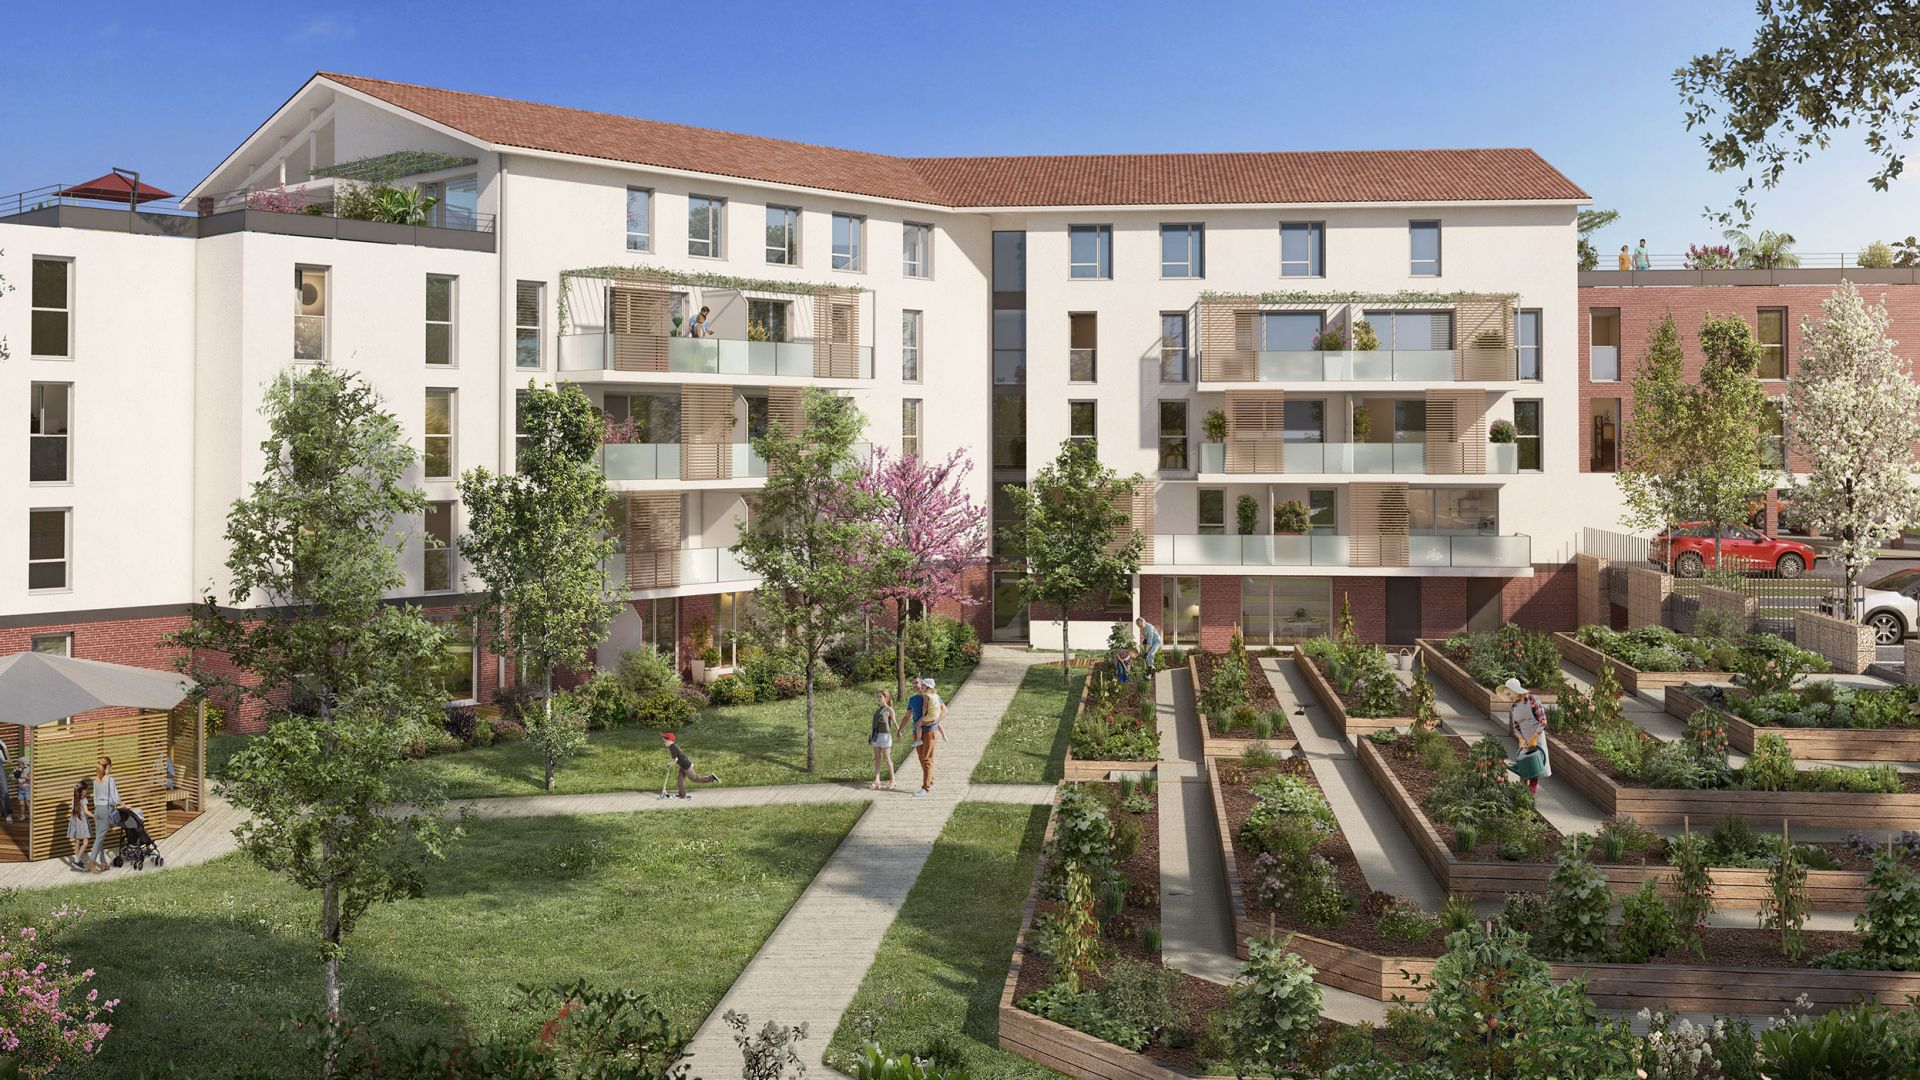 Greencity Immobilier - Domaine Marignac - Achat Appartements à Montrabé 31850